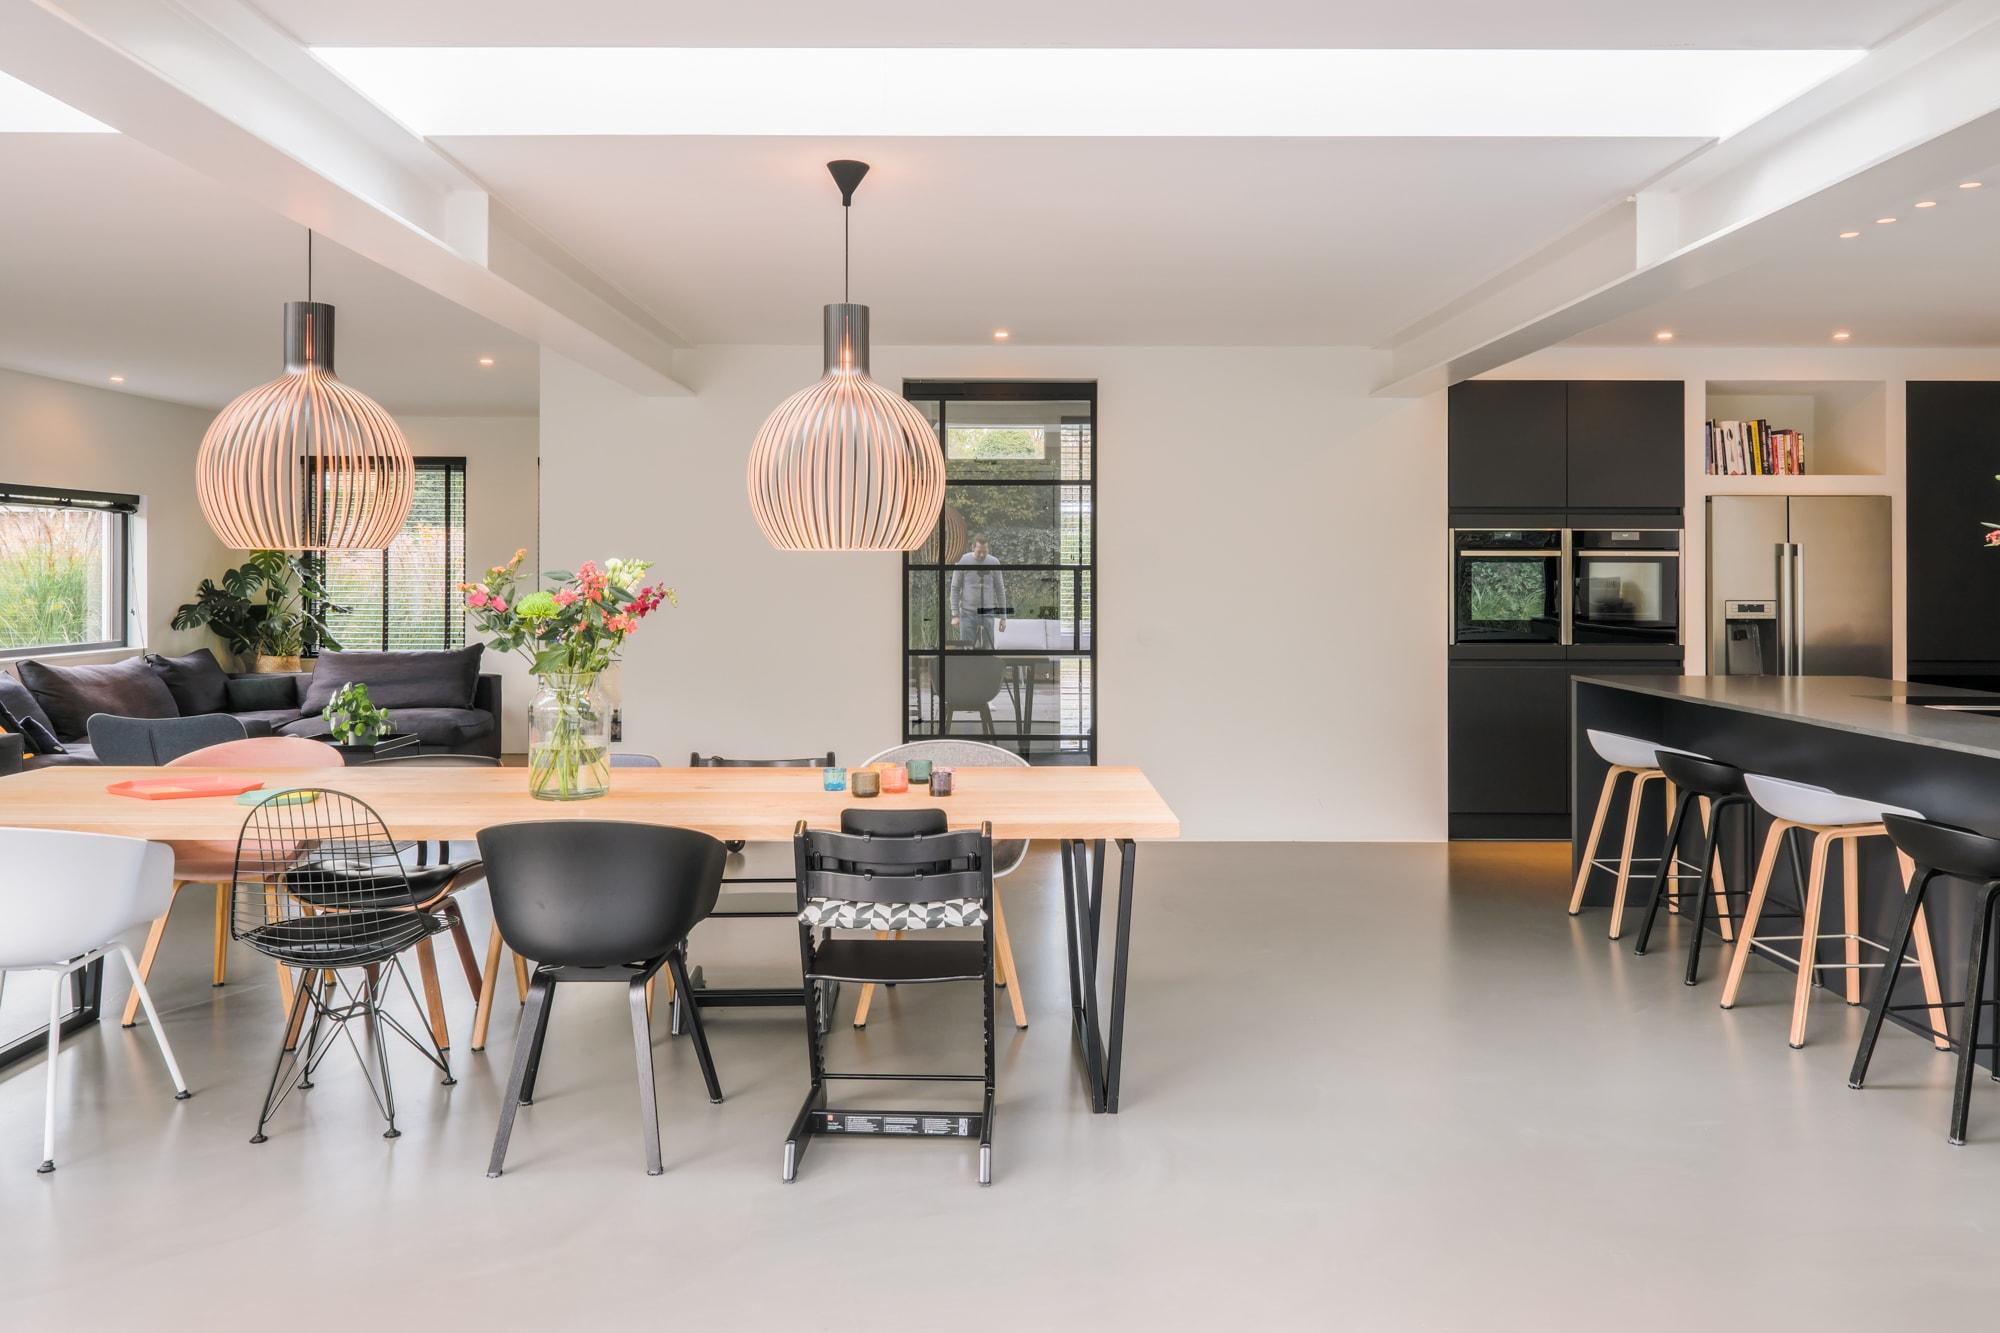 van-os-architecten-breda-ontwerp-moderne-aanbouw-met-aluminium-vouwschuifpui-stalen-binnendeuren